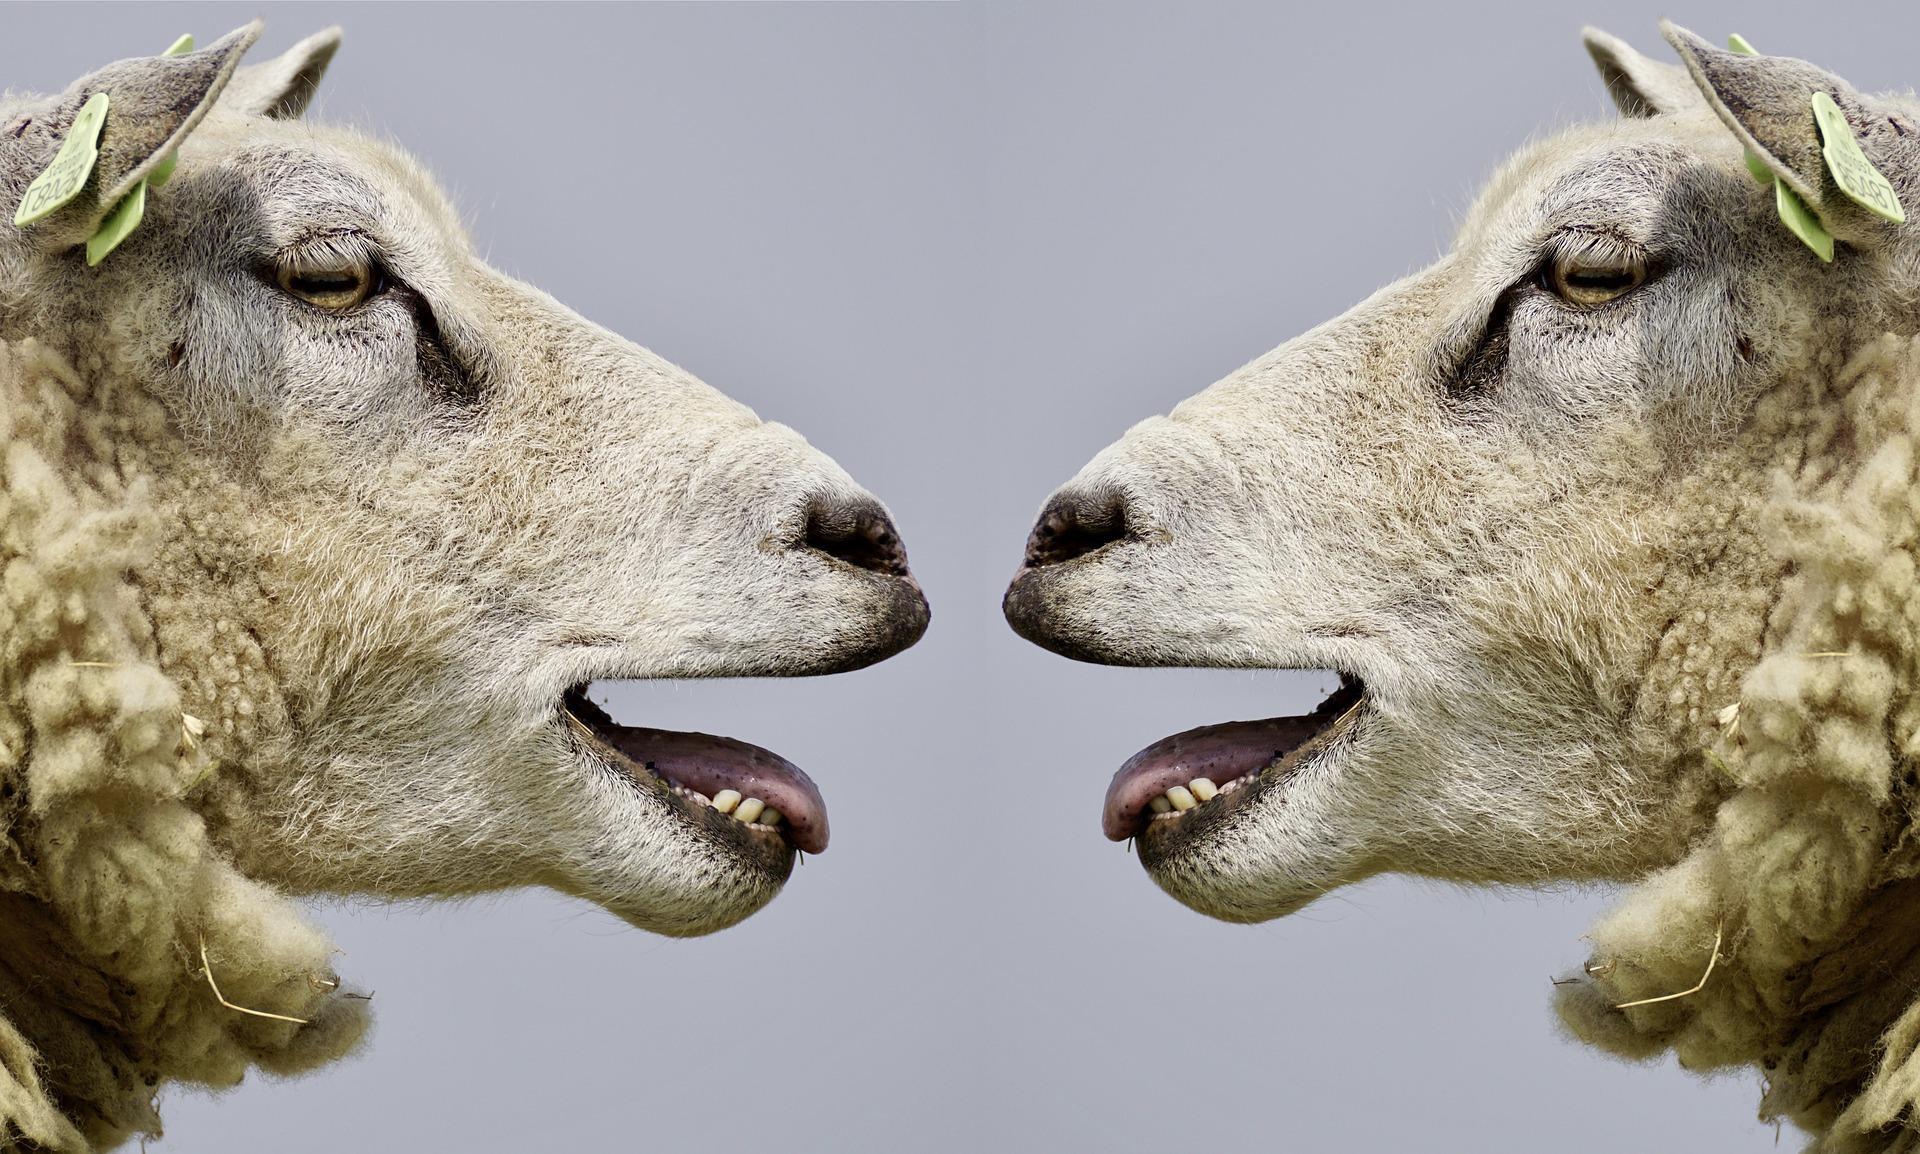 sheep 2372148 1920 - Reakce, se kterými se křesťané nejčastěji setkávají